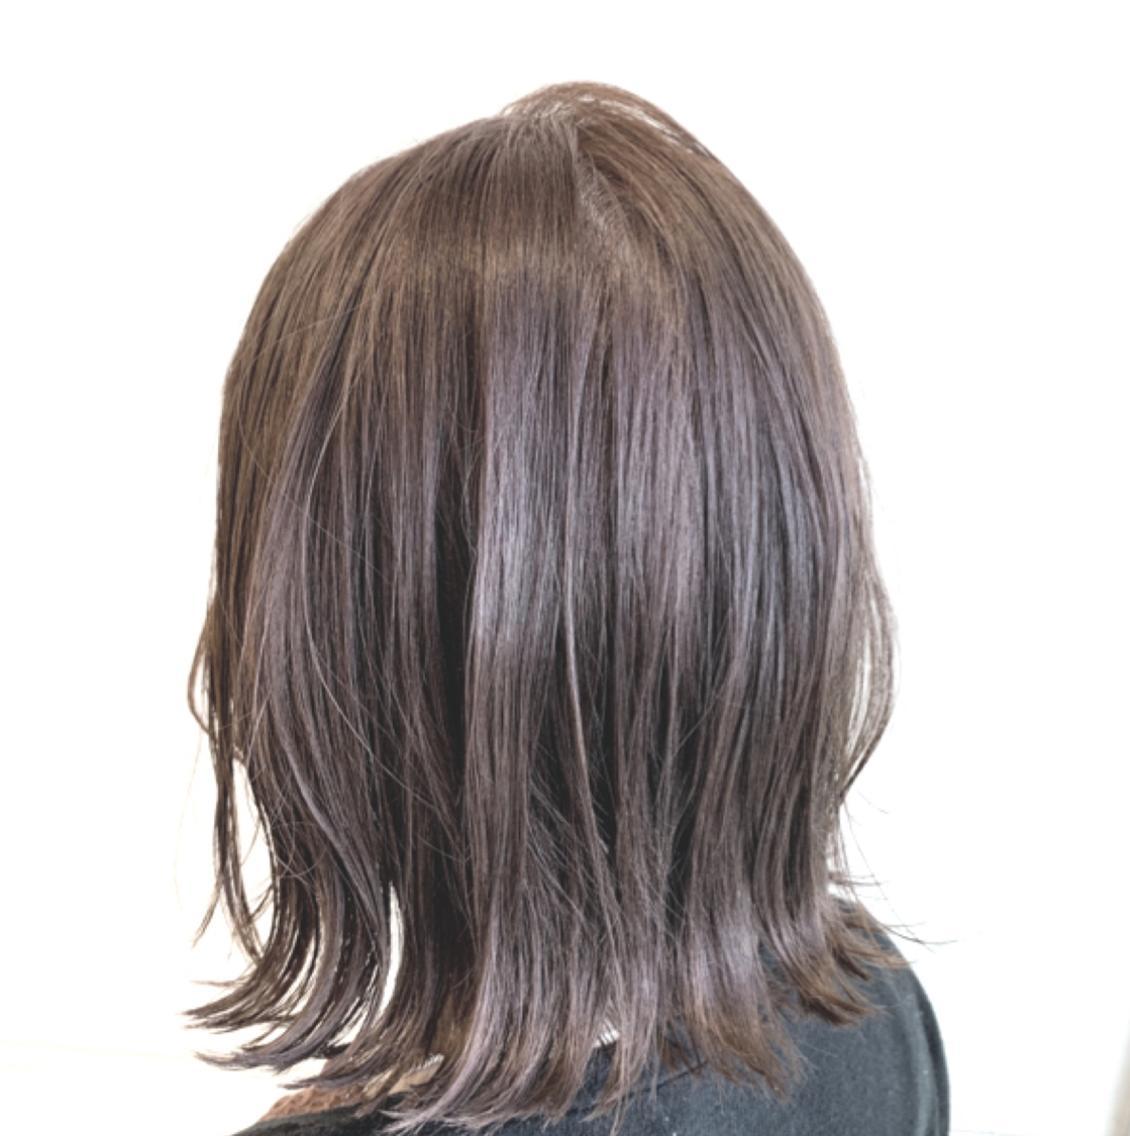 お客様のなりたいイメージ、髪のお悩みをお聞きしデザインを作らせていただきます。